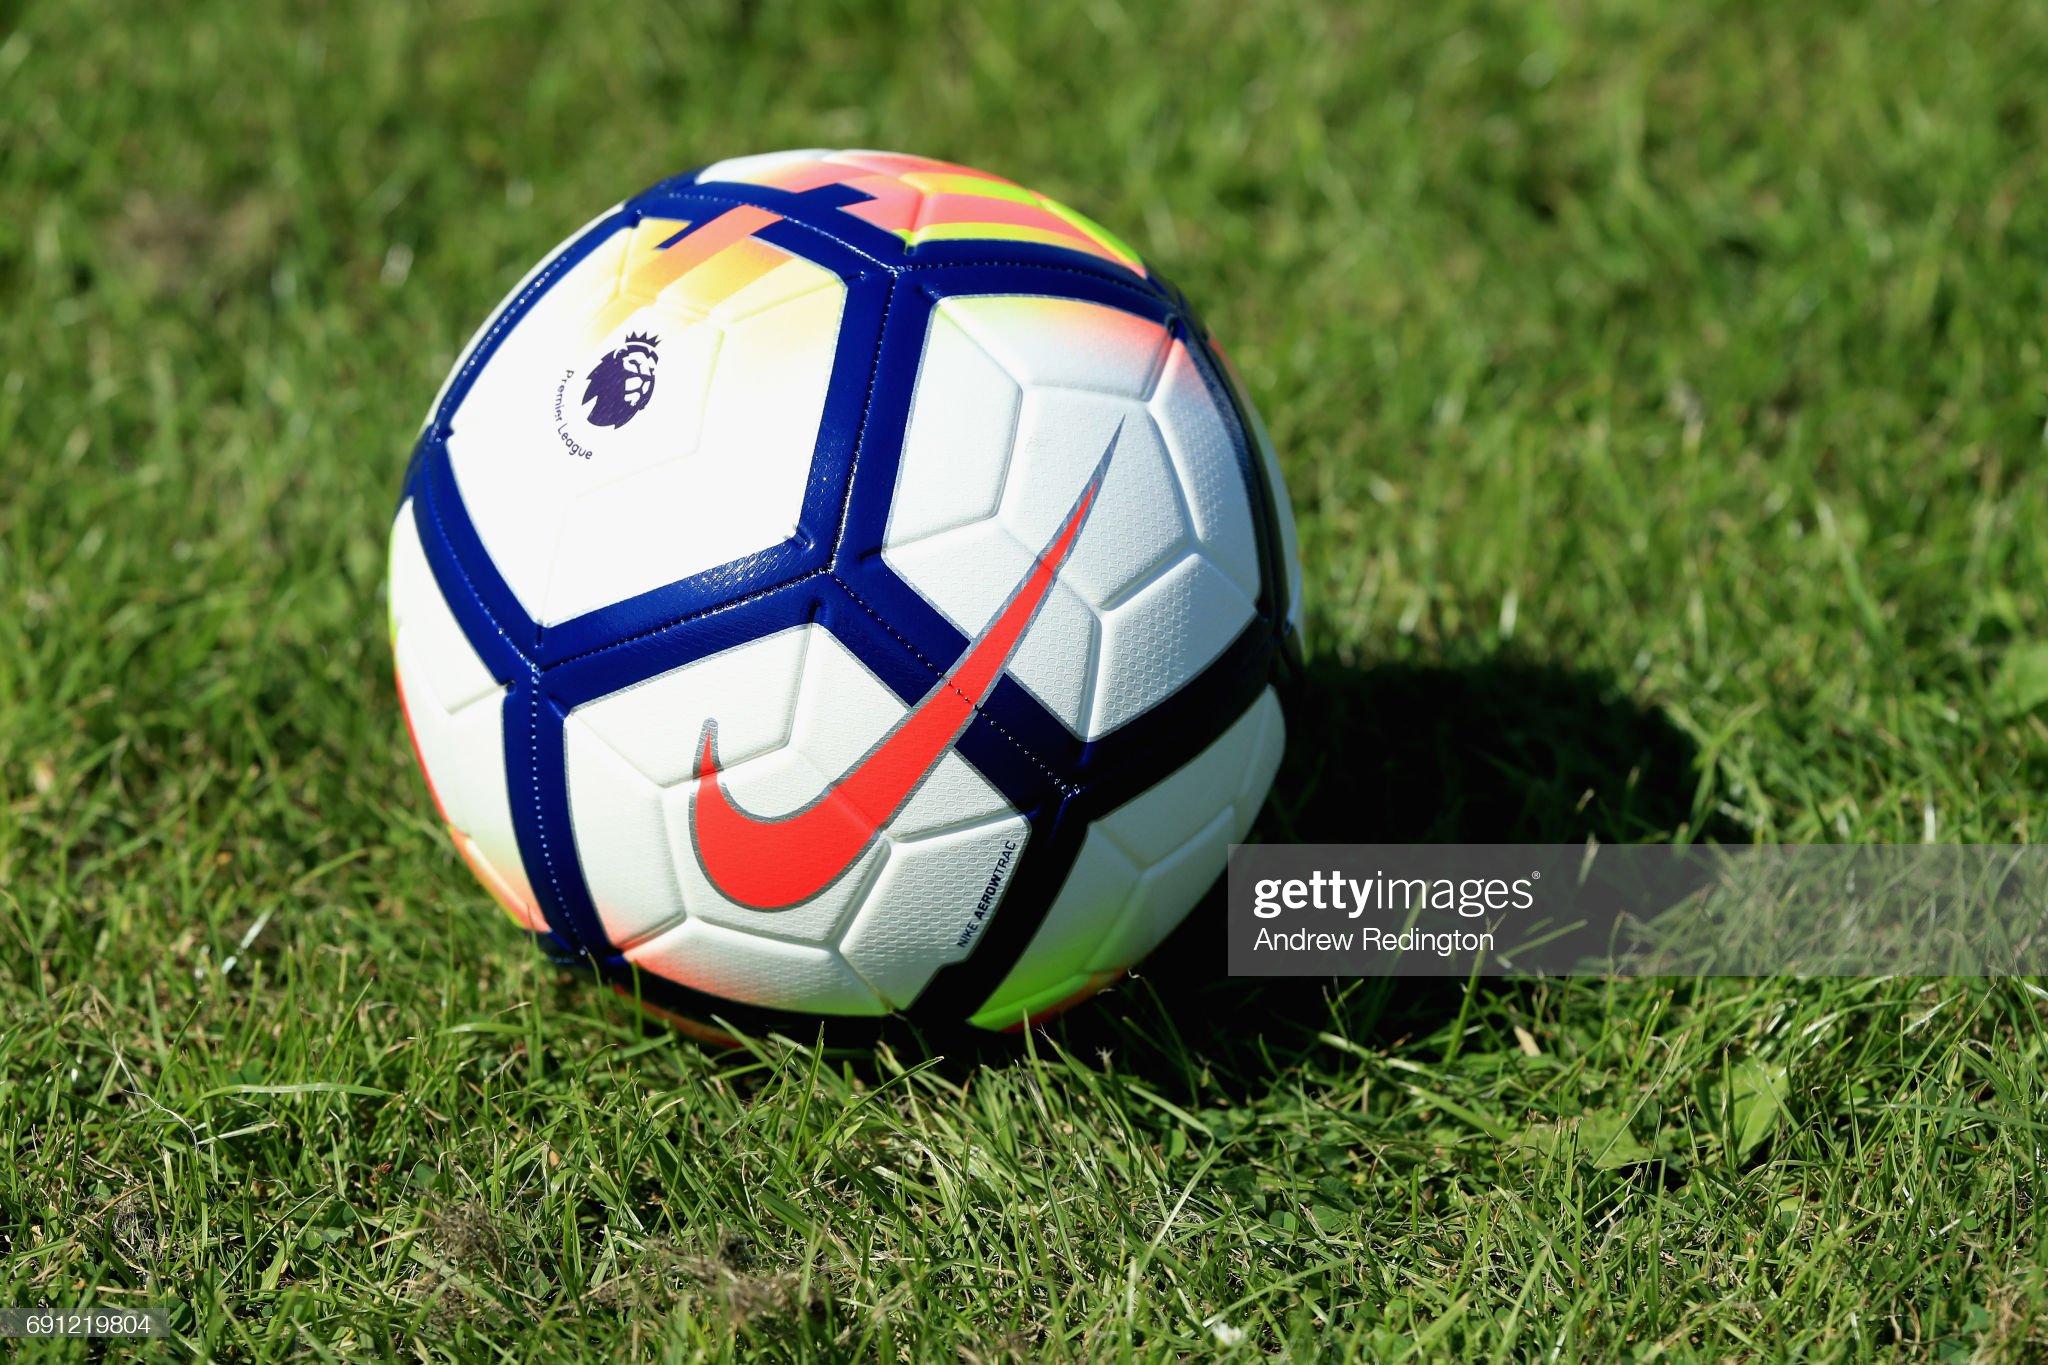 Premier League Kicks - Nike Ordem V Premier League Match Ball Launch : ニュース写真